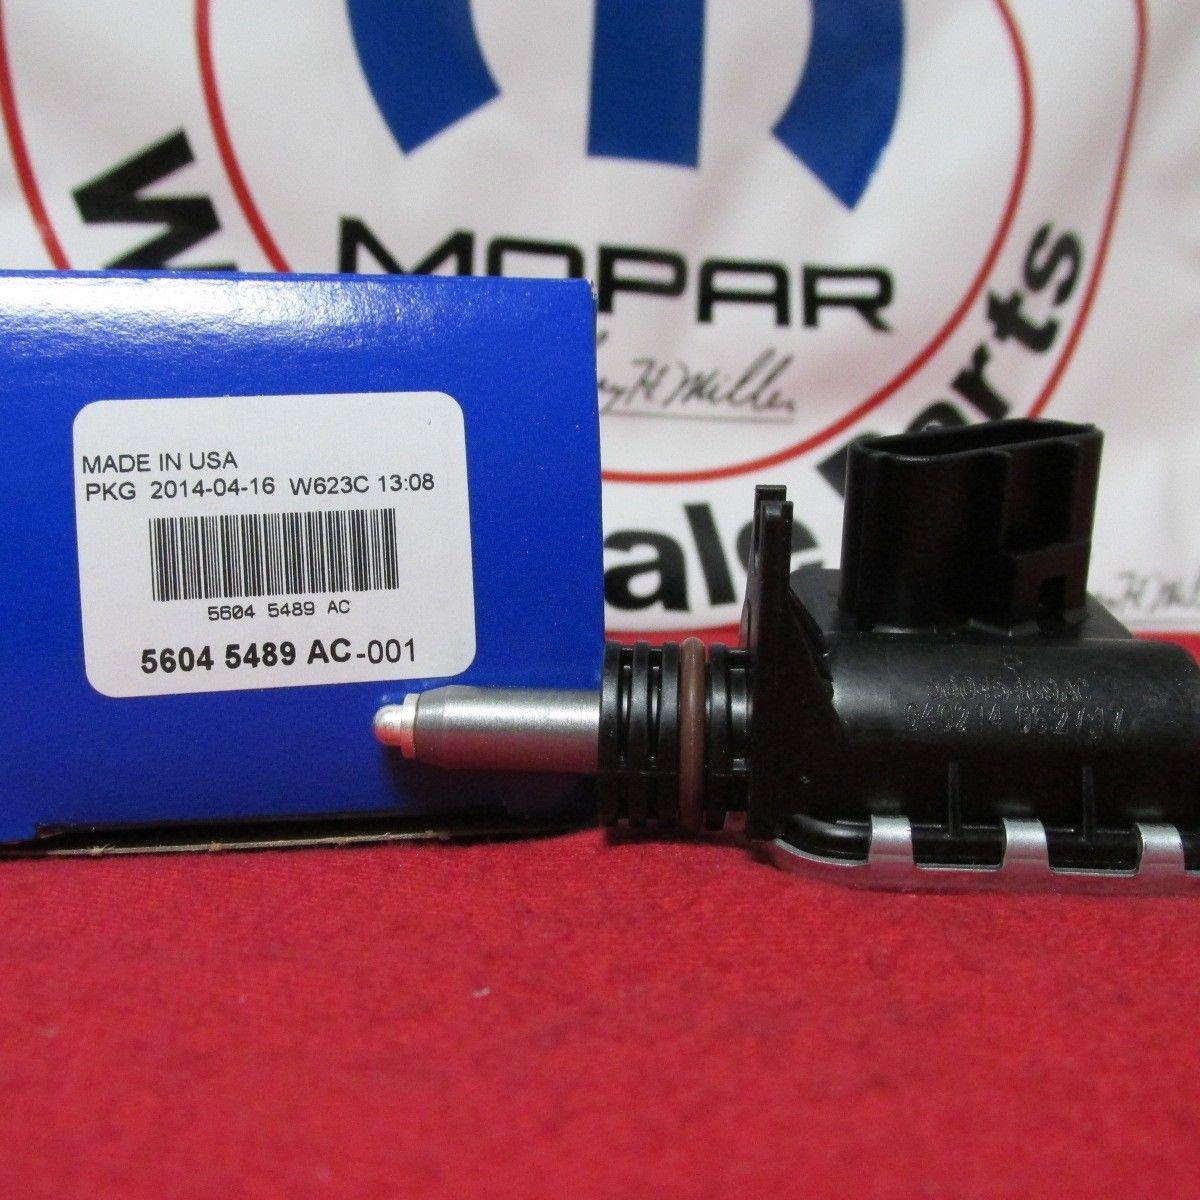 New Oem Dodge Neutral Safety Switch Range Sensor Mopar 2001 Neon Wiring Automotive